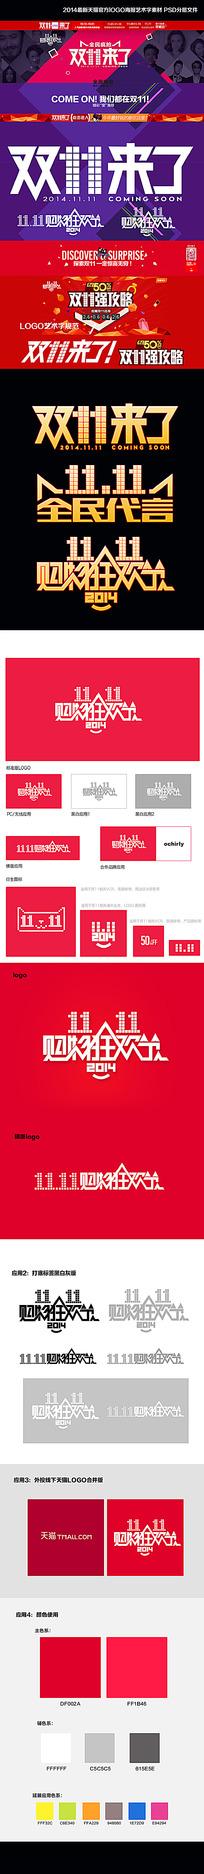 2014最新双11官方海报字体设计模板